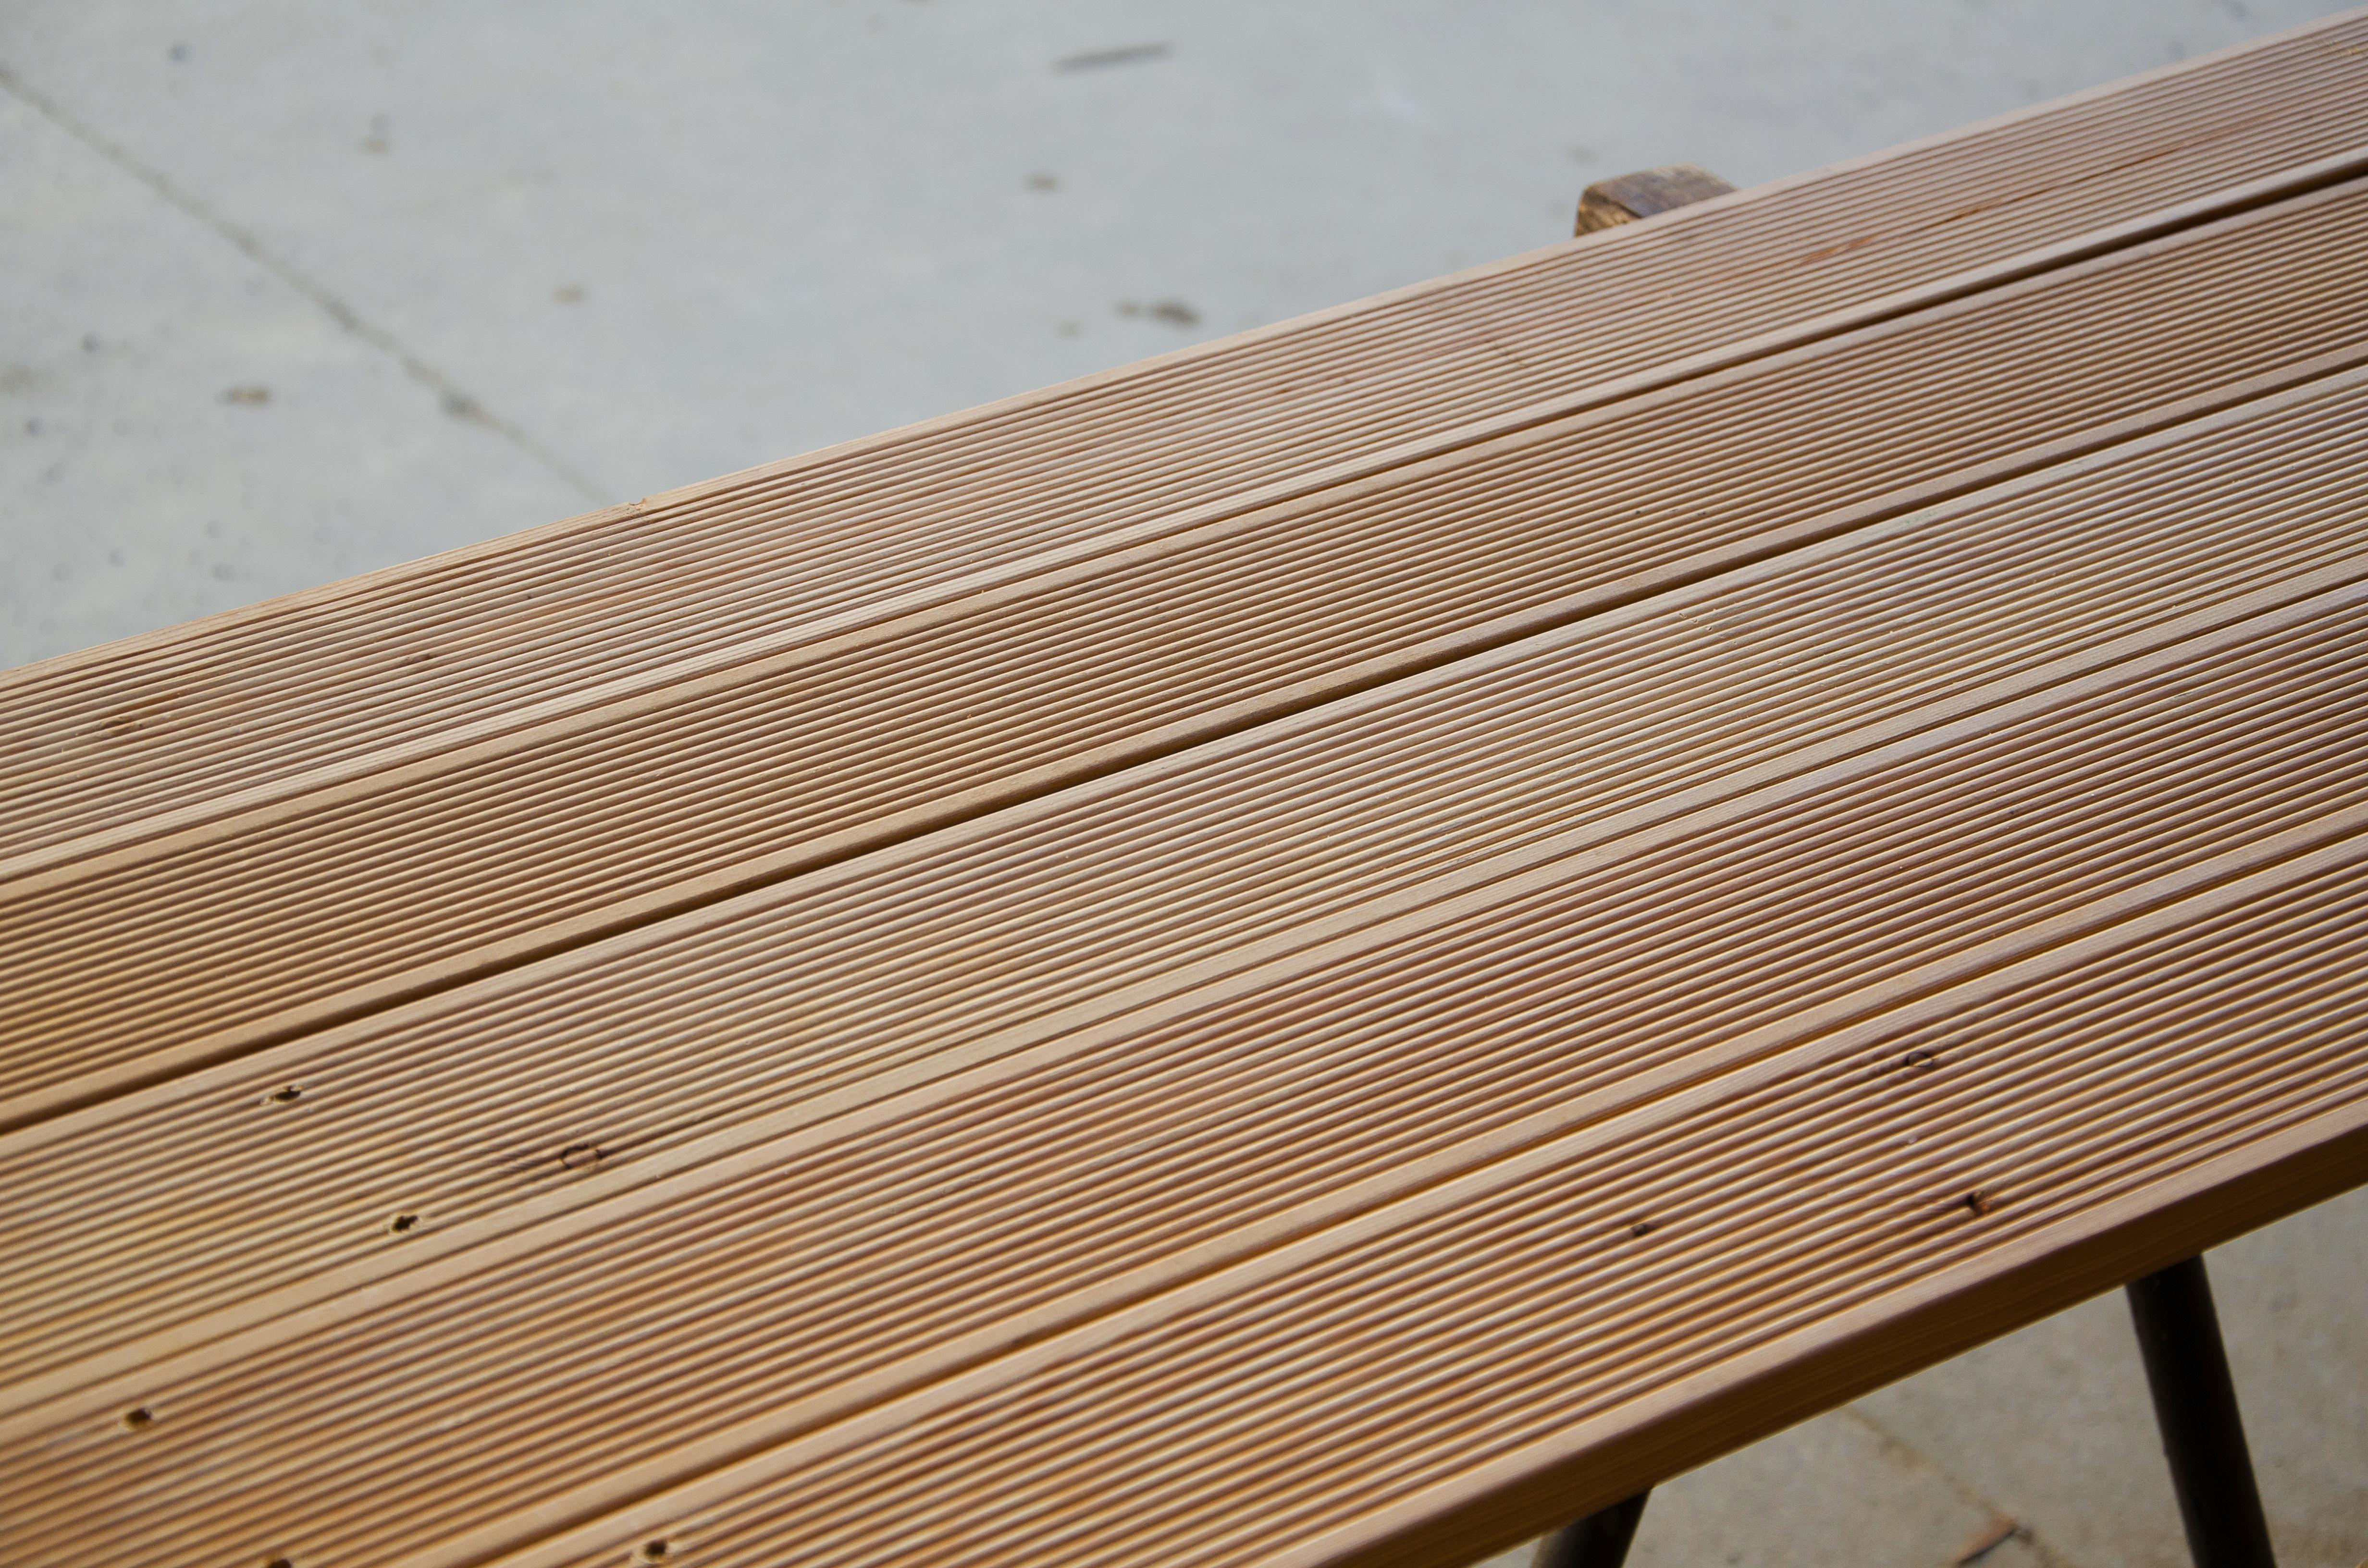 Pavimento maxilistone in legno da esterno decking larice - Pavimento in legno esterno ...